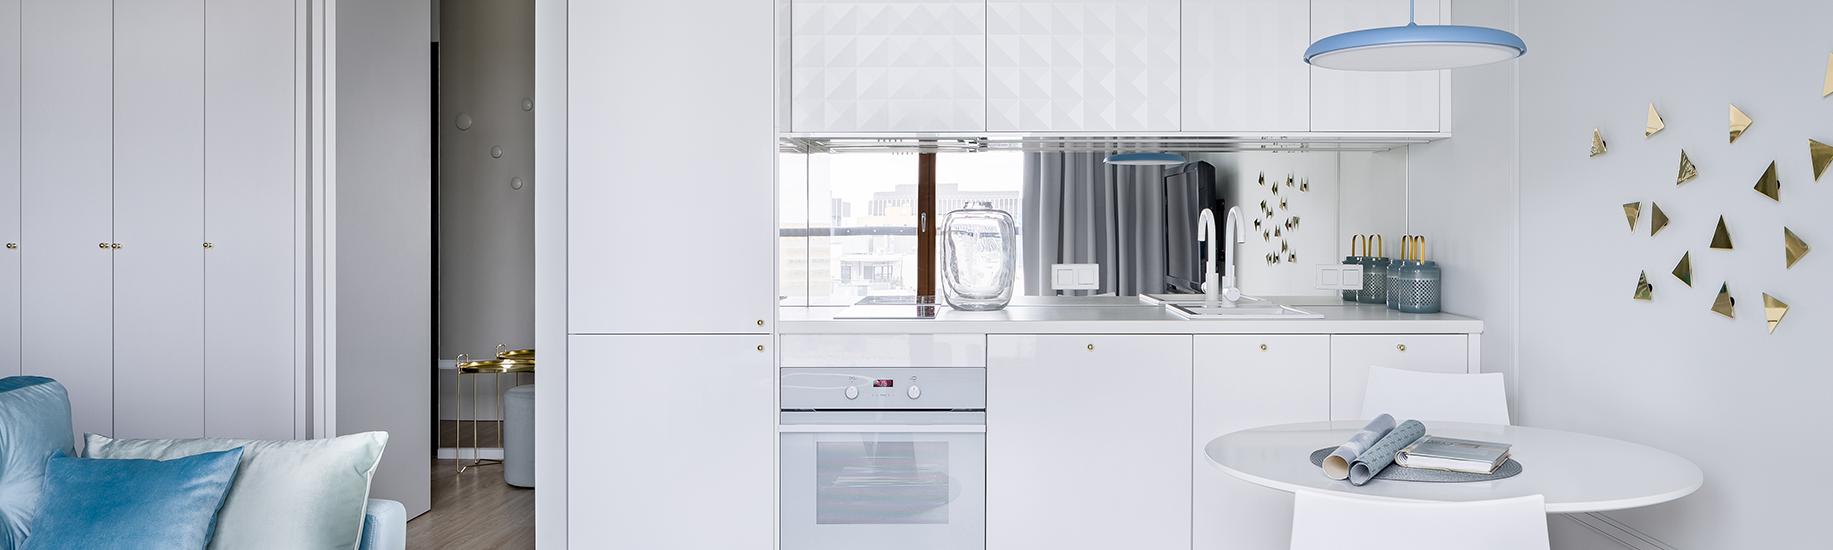 Jak zorganizować się w małej kuchni?